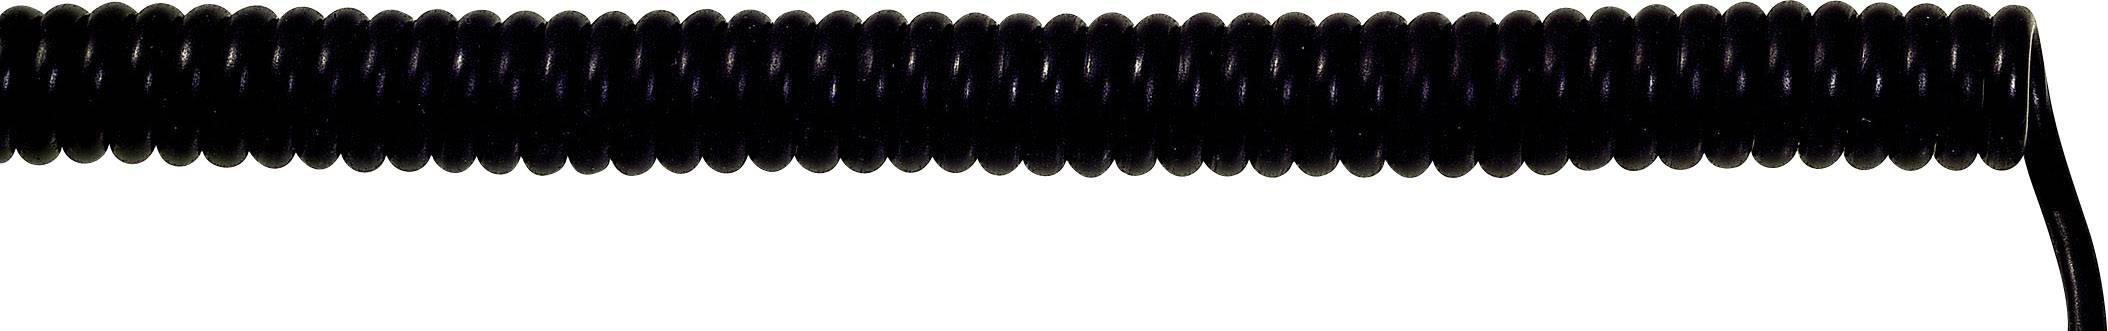 Špirálový kábel 73220237 UNITRONIC® SPIRAL 18 x 0.14 mm², 300 mm / 1200 mm, čierna